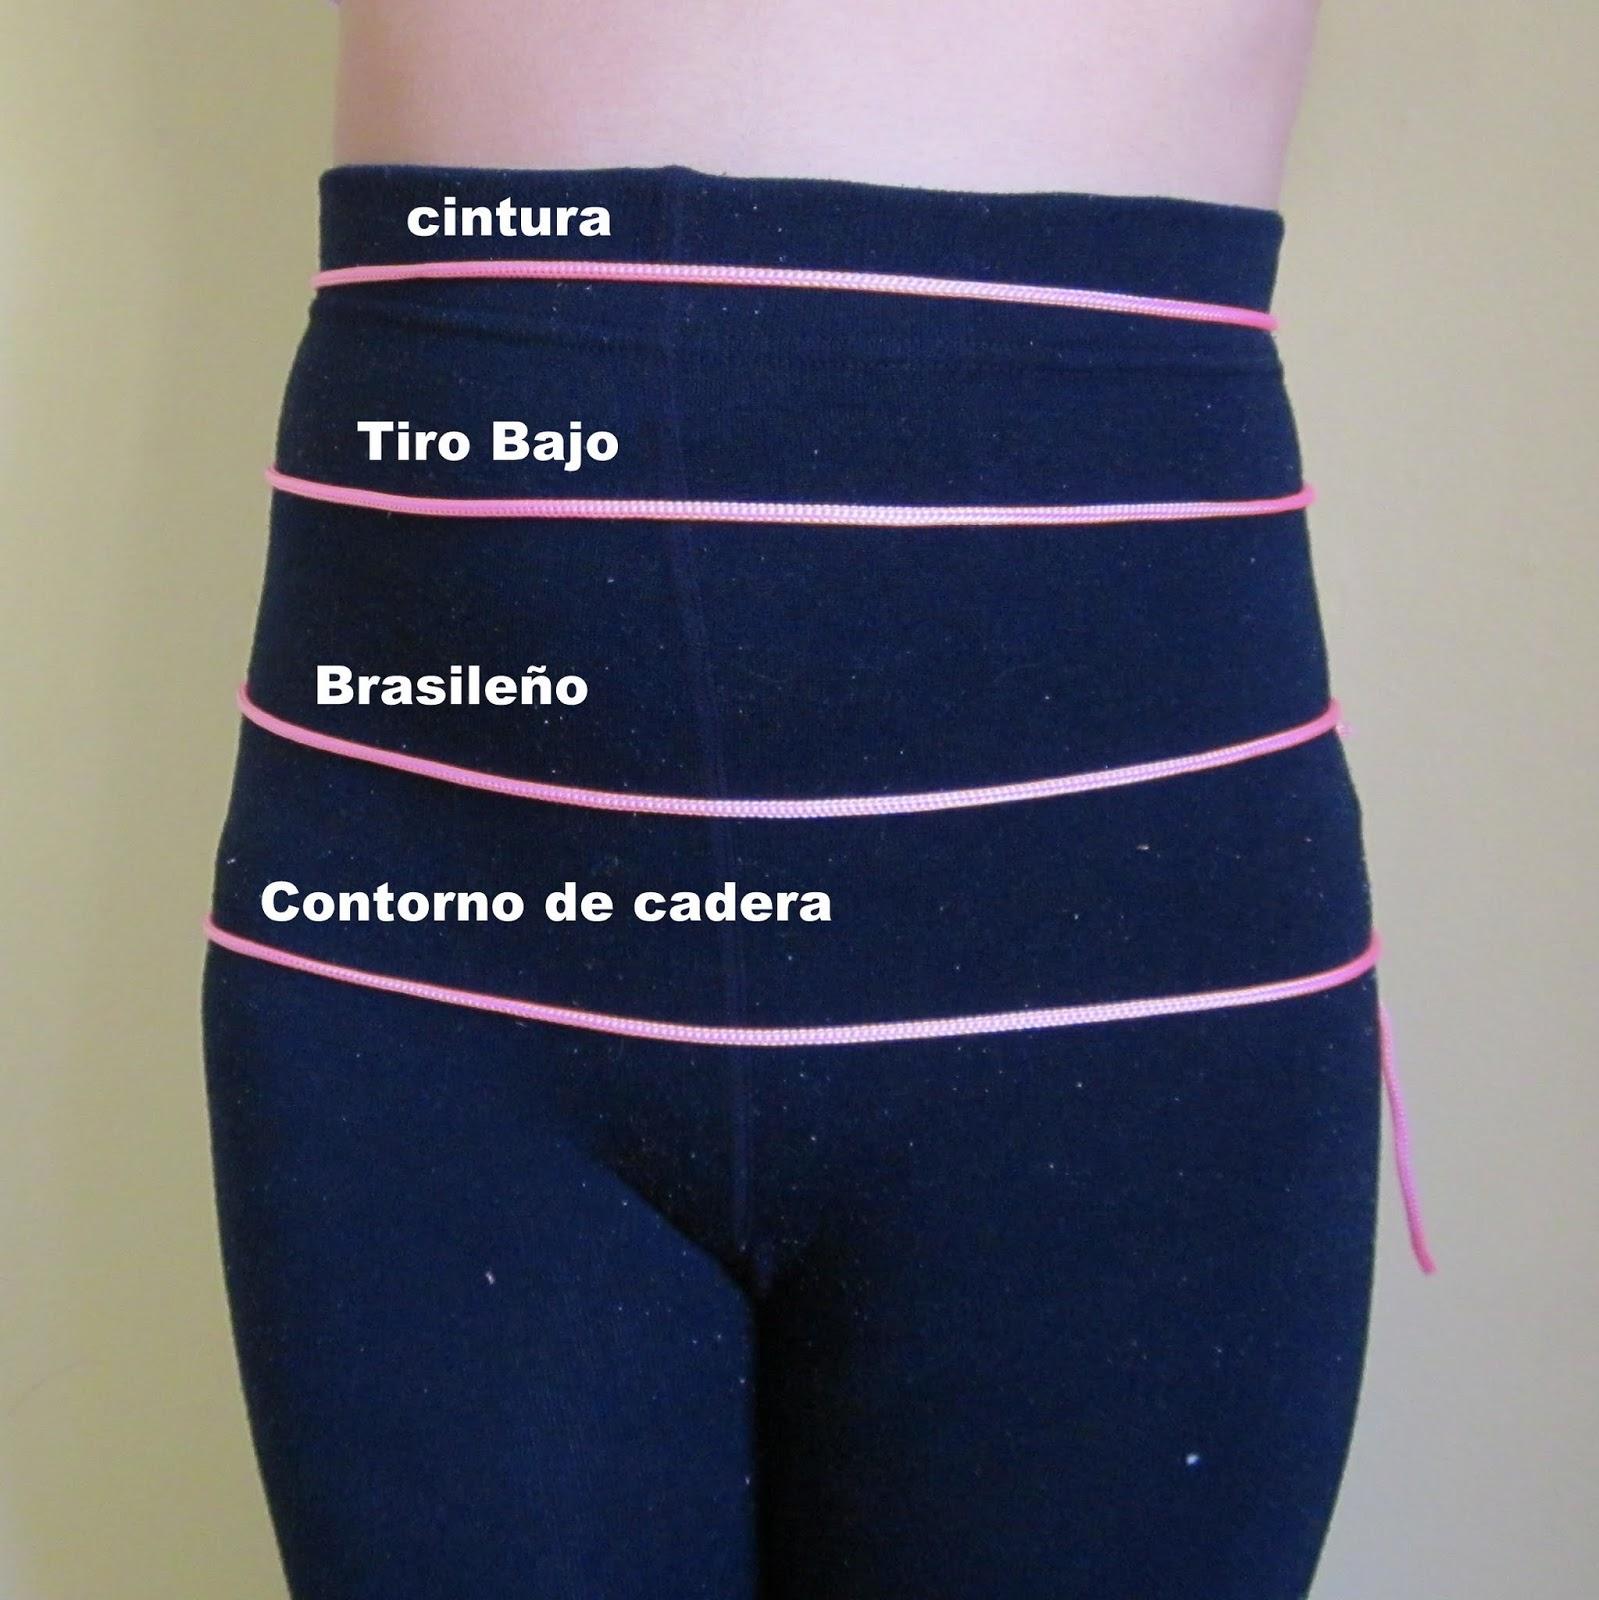 Bajo falda de embarazada 2 - 2 part 10